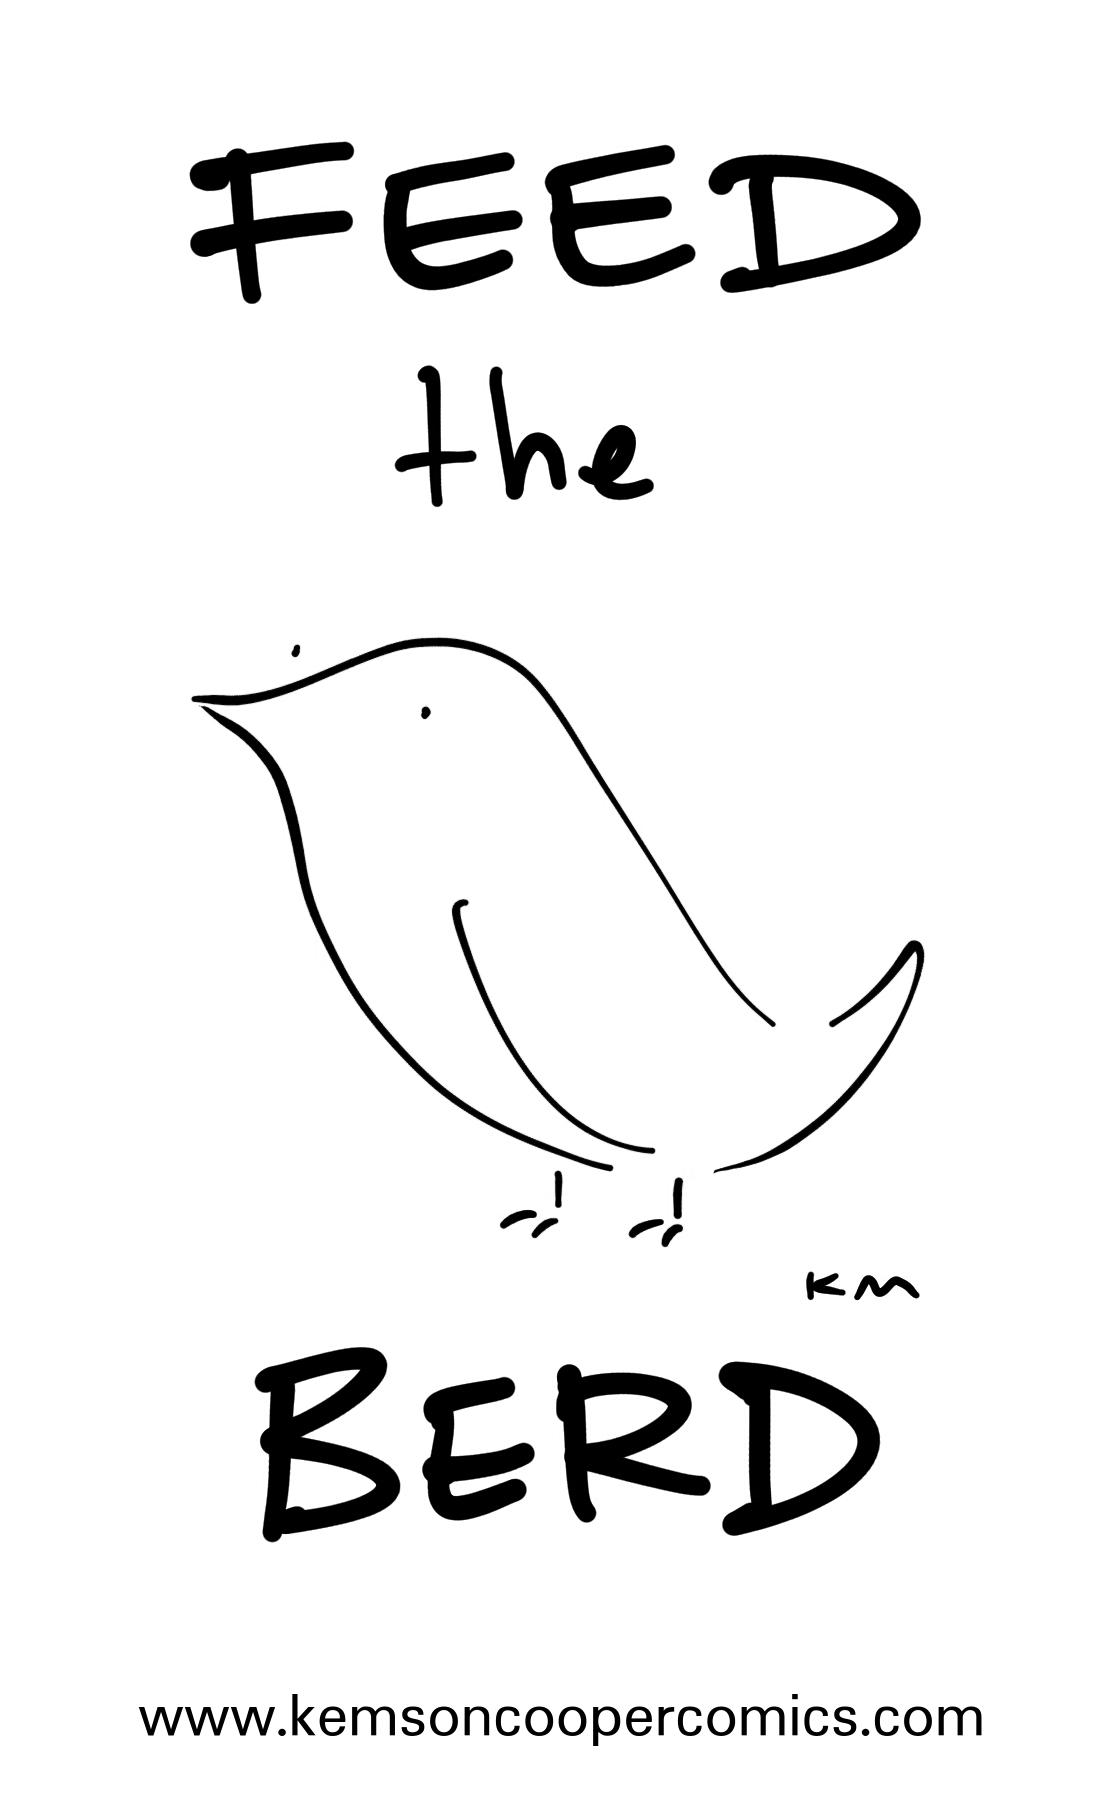 FEED THE BERD